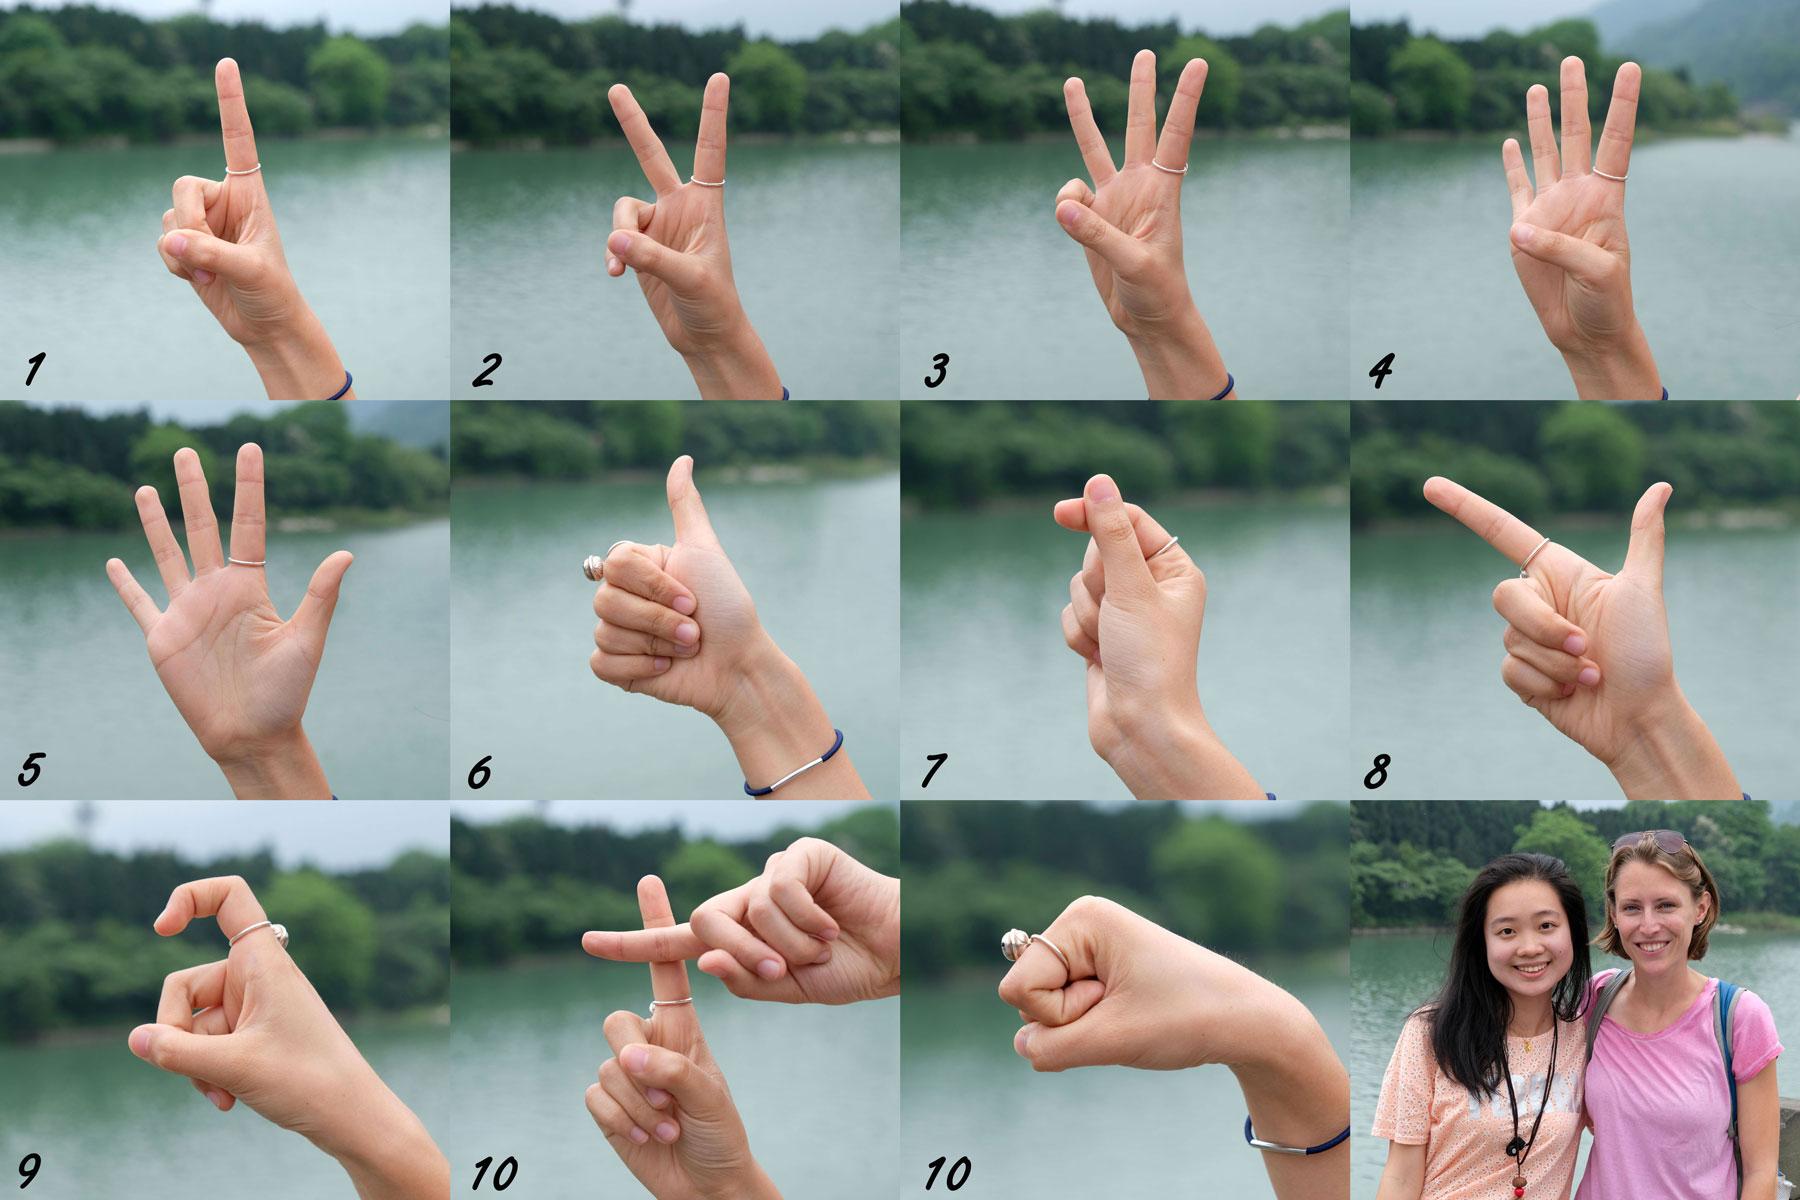 Chinesische Handzeichen, die die Ziffern eins bis zehn darstellen.